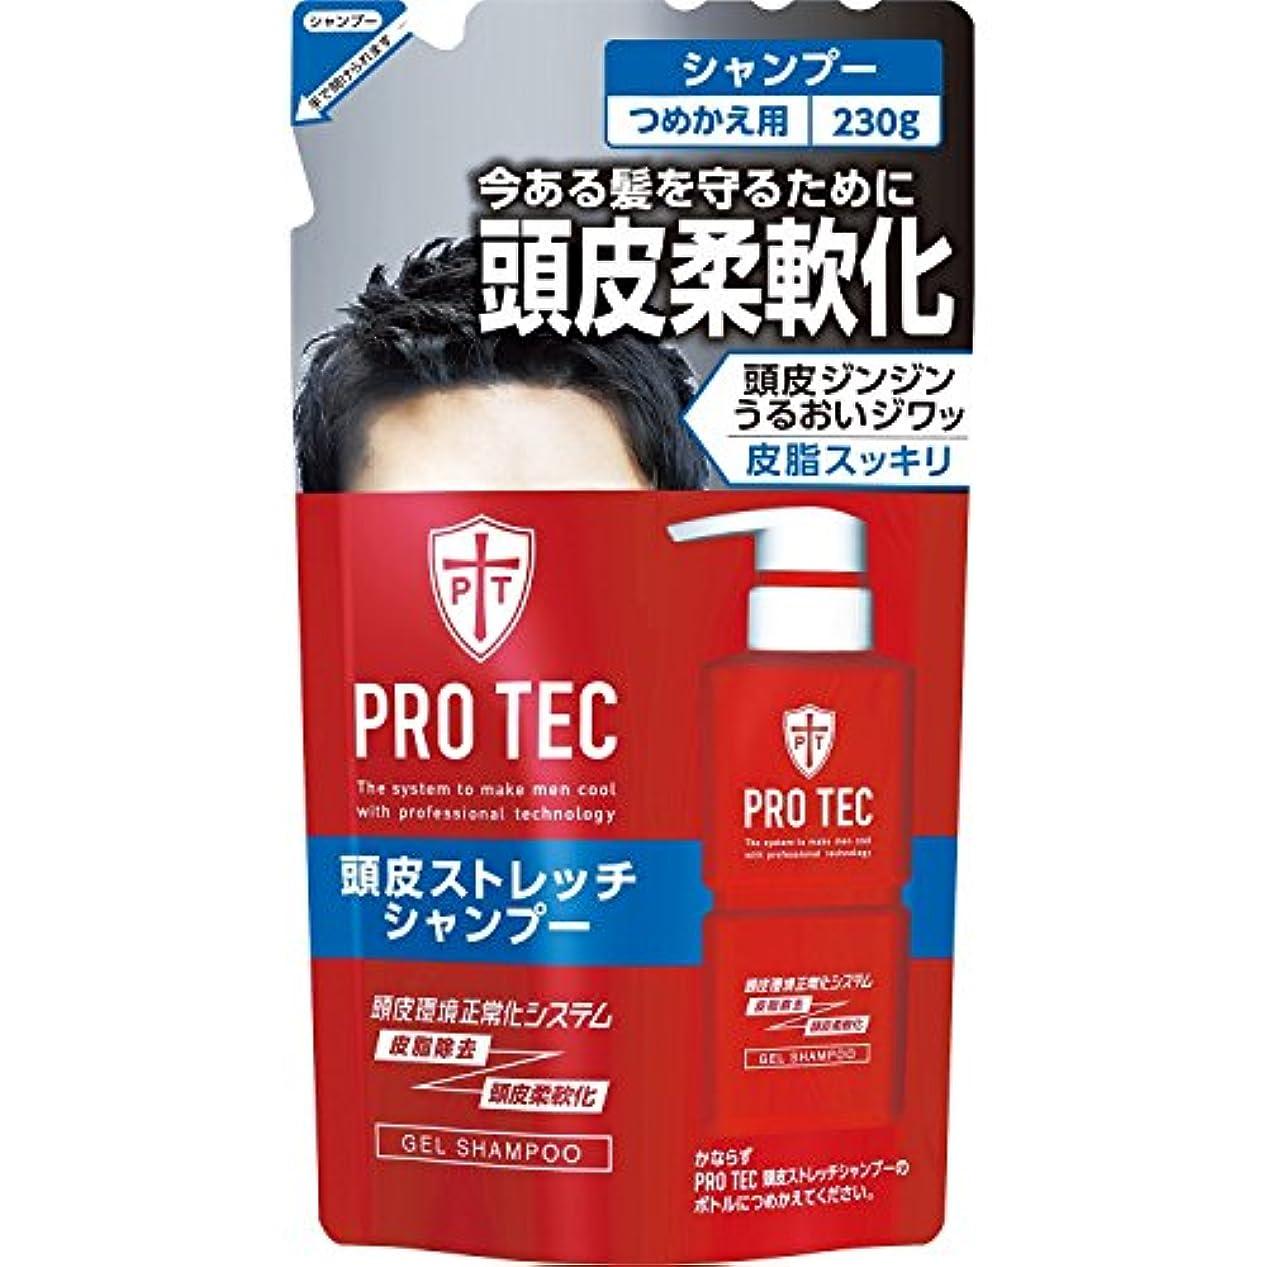 直接本会議花弁PRO TEC(プロテク) 頭皮ストレッチシャンプー つめかえ用 230g (医薬部外品) ×10個セット